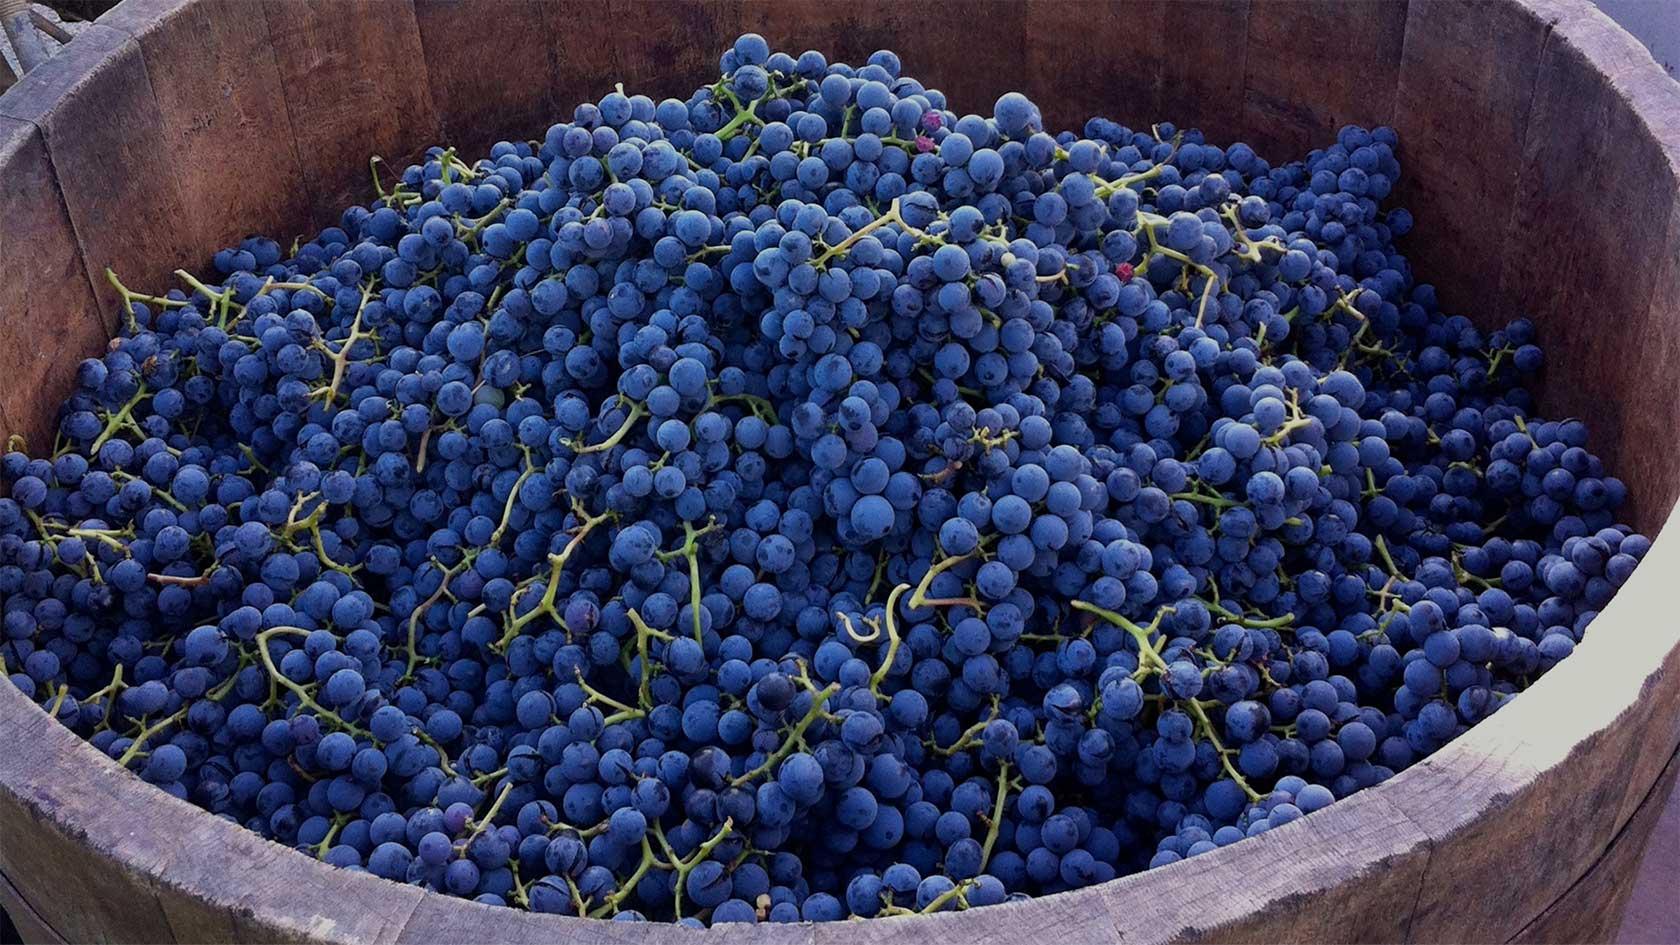 Weinshop Header, Bild mit reifen Weintrauben in einem großen Behälter bei der Weinernte